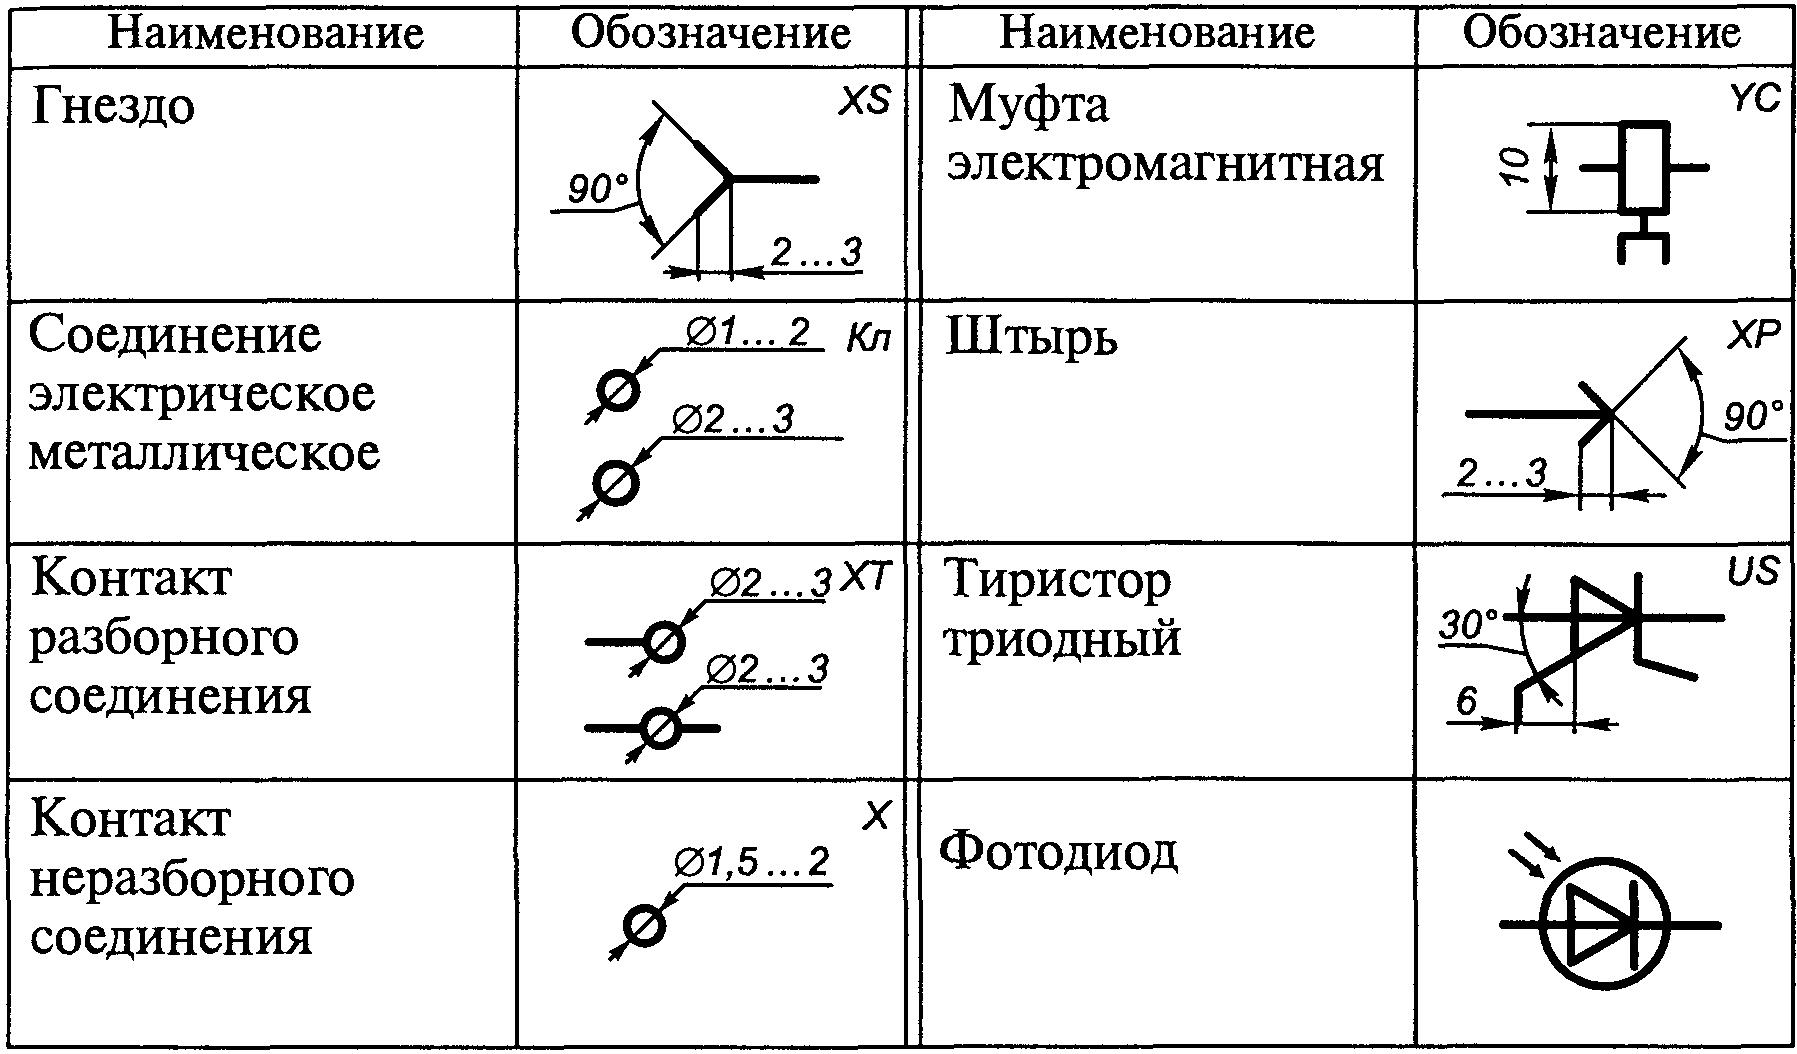 Условные обозначения на электрических схемах по гост: буквенные, графические